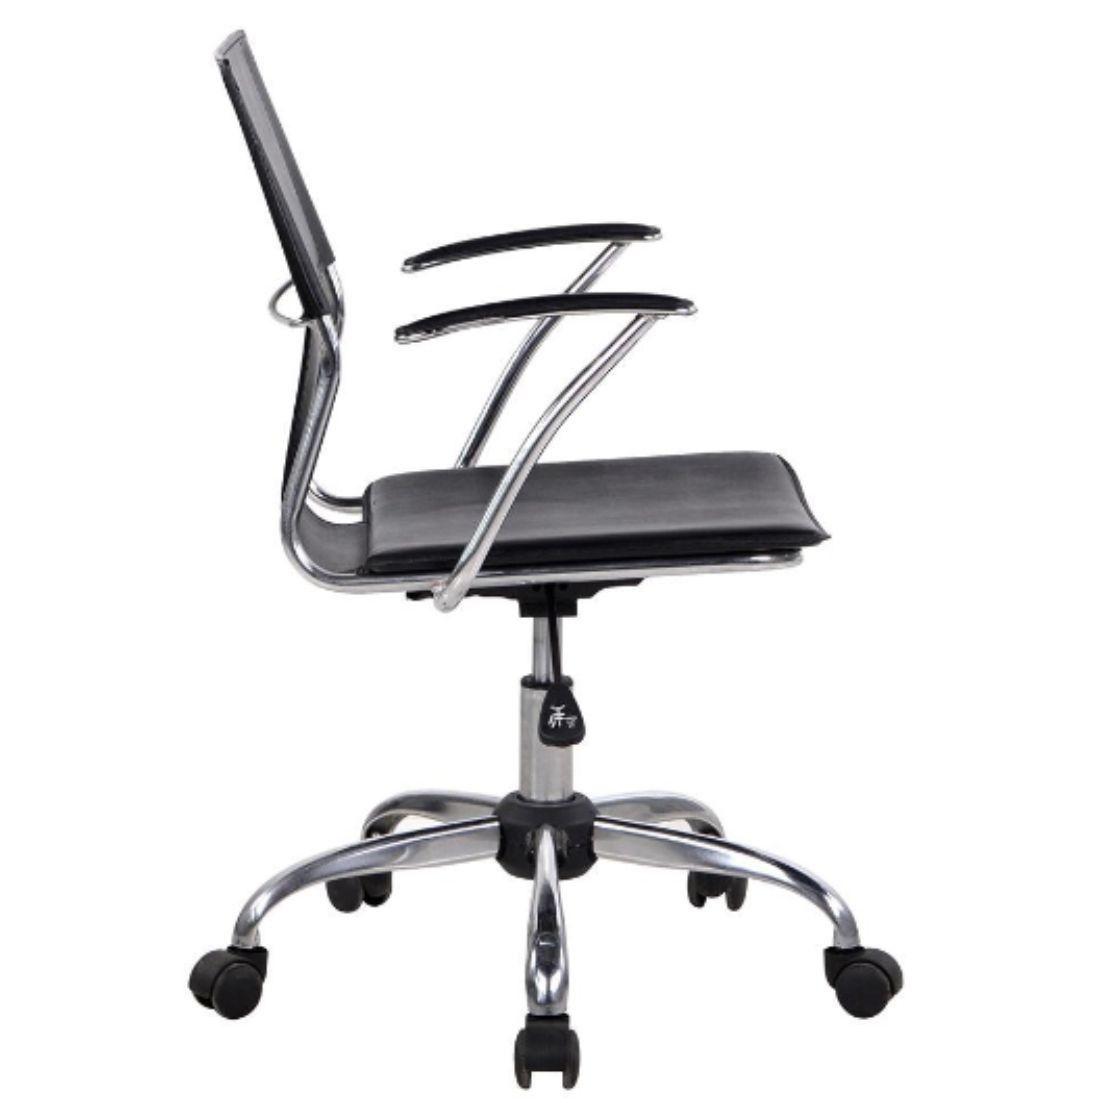 Cadeira Diretor Executiva Giratória Preta em Couro Sintético Ideal - Orb